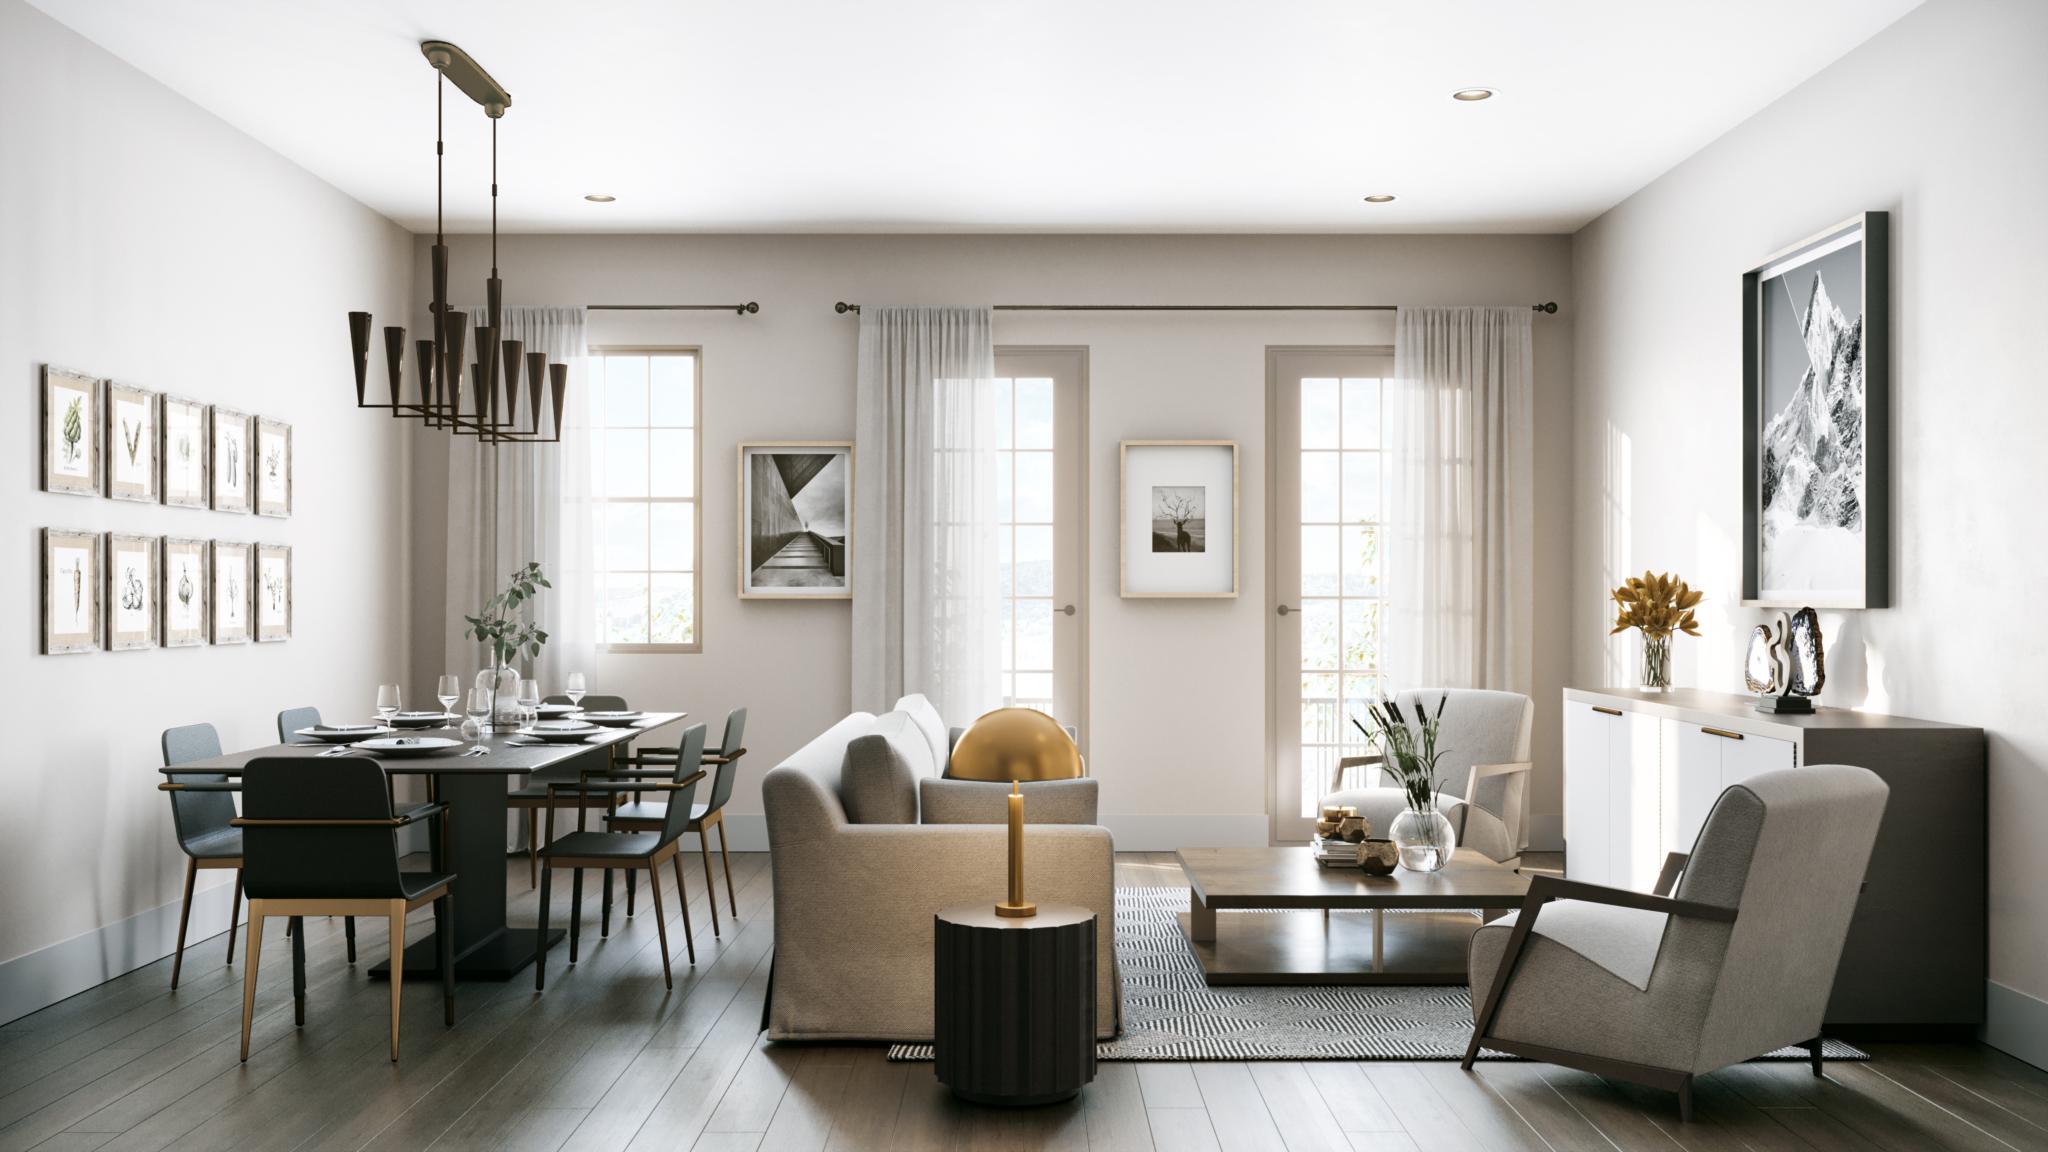 02-Mycroft-Row-Living-Dining-R01AHR-scaled.jpg